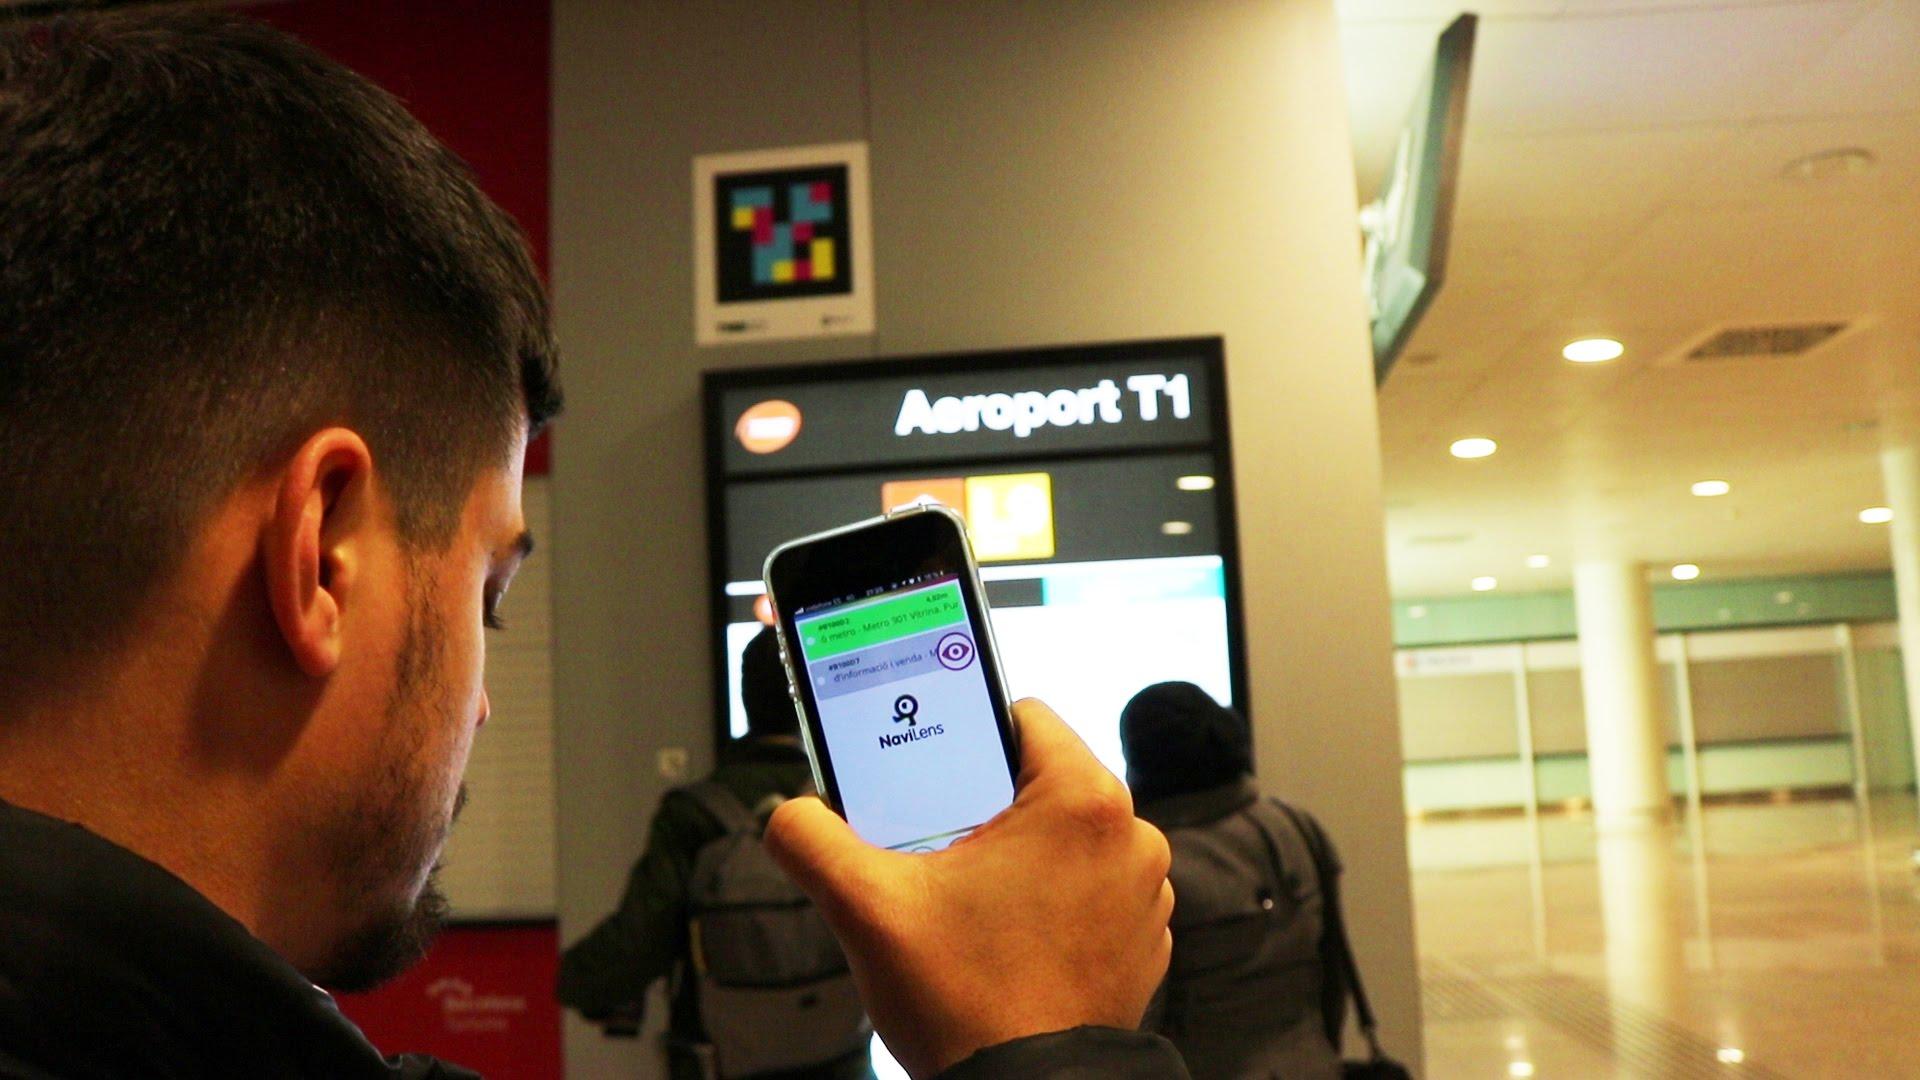 Un usuario ciego utiliza NaviLens en un aeropuerto.